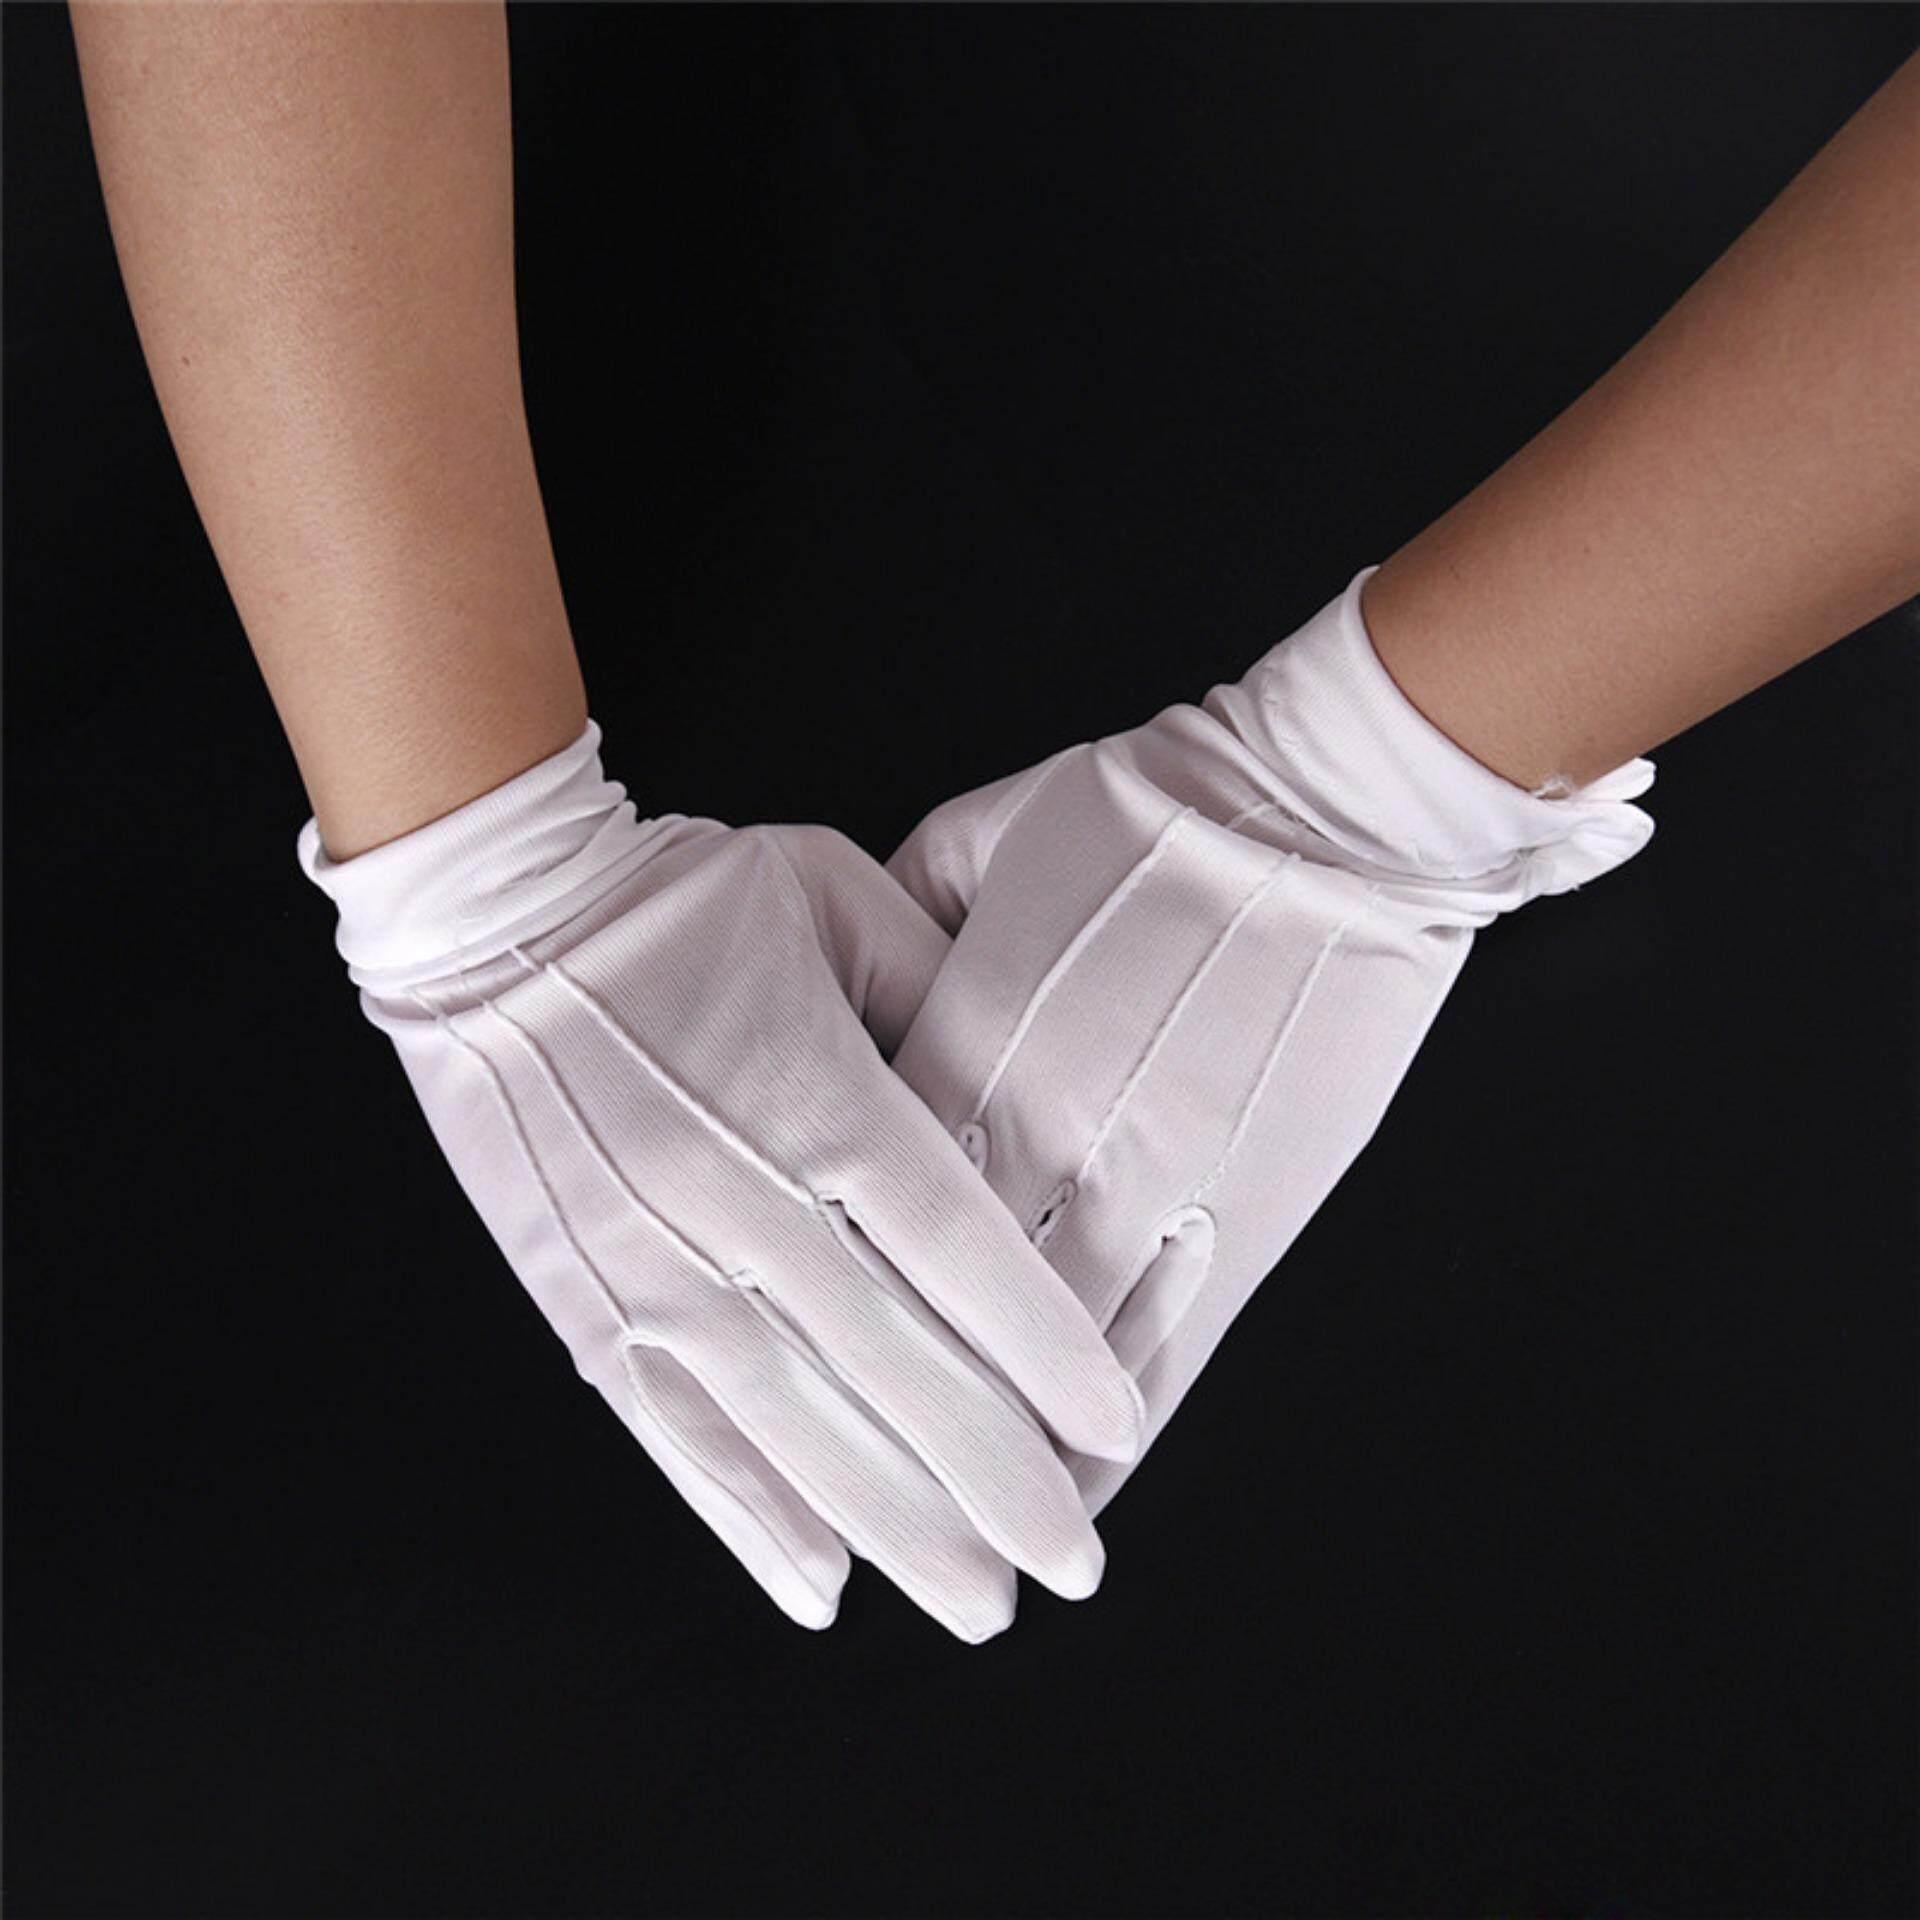 Pinellia flowers Design White Formal Gloves White Honor Guard Parade Santa Women Men Inspection